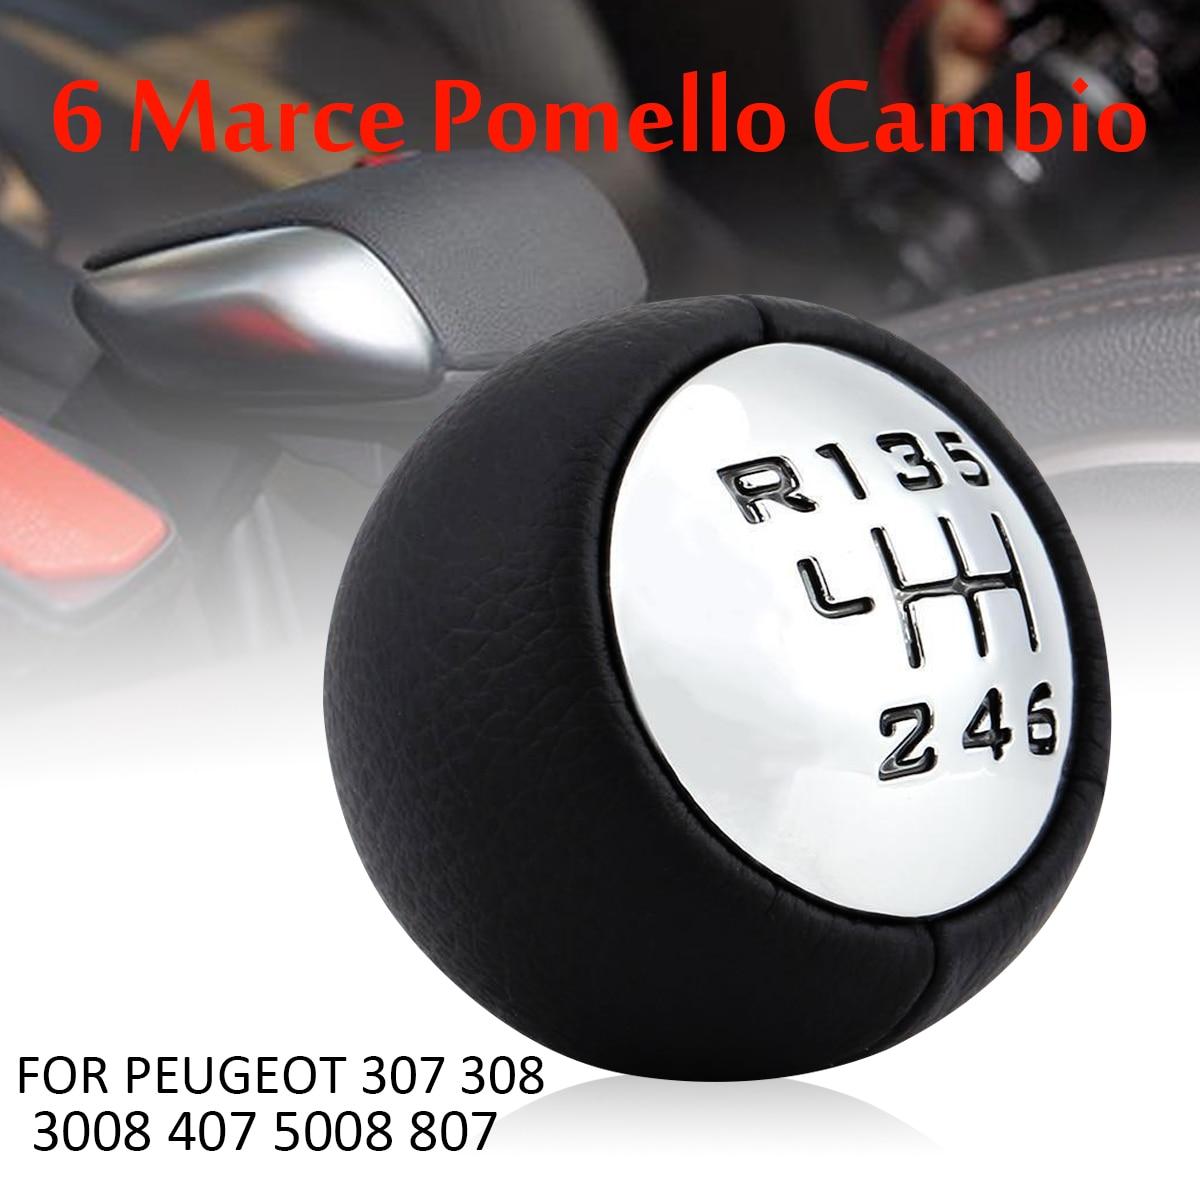 6 velocidad de cambio de engranaje de mando palanca con la cabeza para Peugeot 307, 308, 3008, 407, 5008, 807 socio B9 tipi citroen C3 C4 C8 Picasso